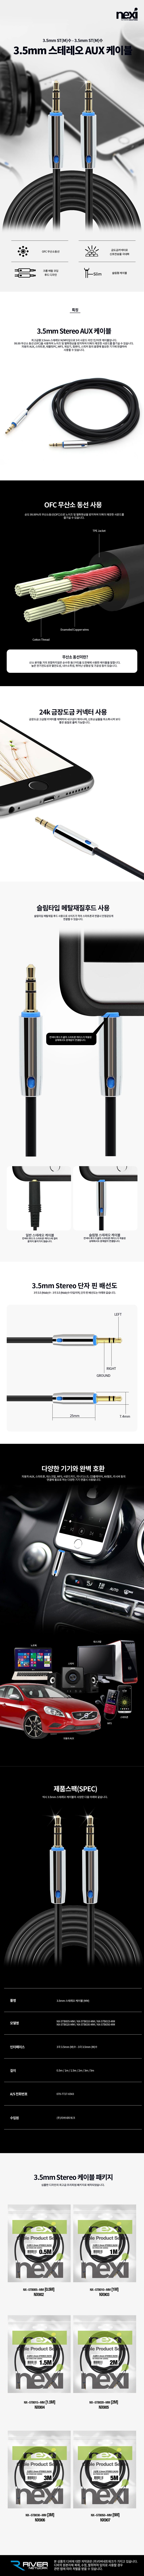 리버네트워크 NEXI 3.5mm 스테레오 AUX 케이블 (NX902, 0.5m)